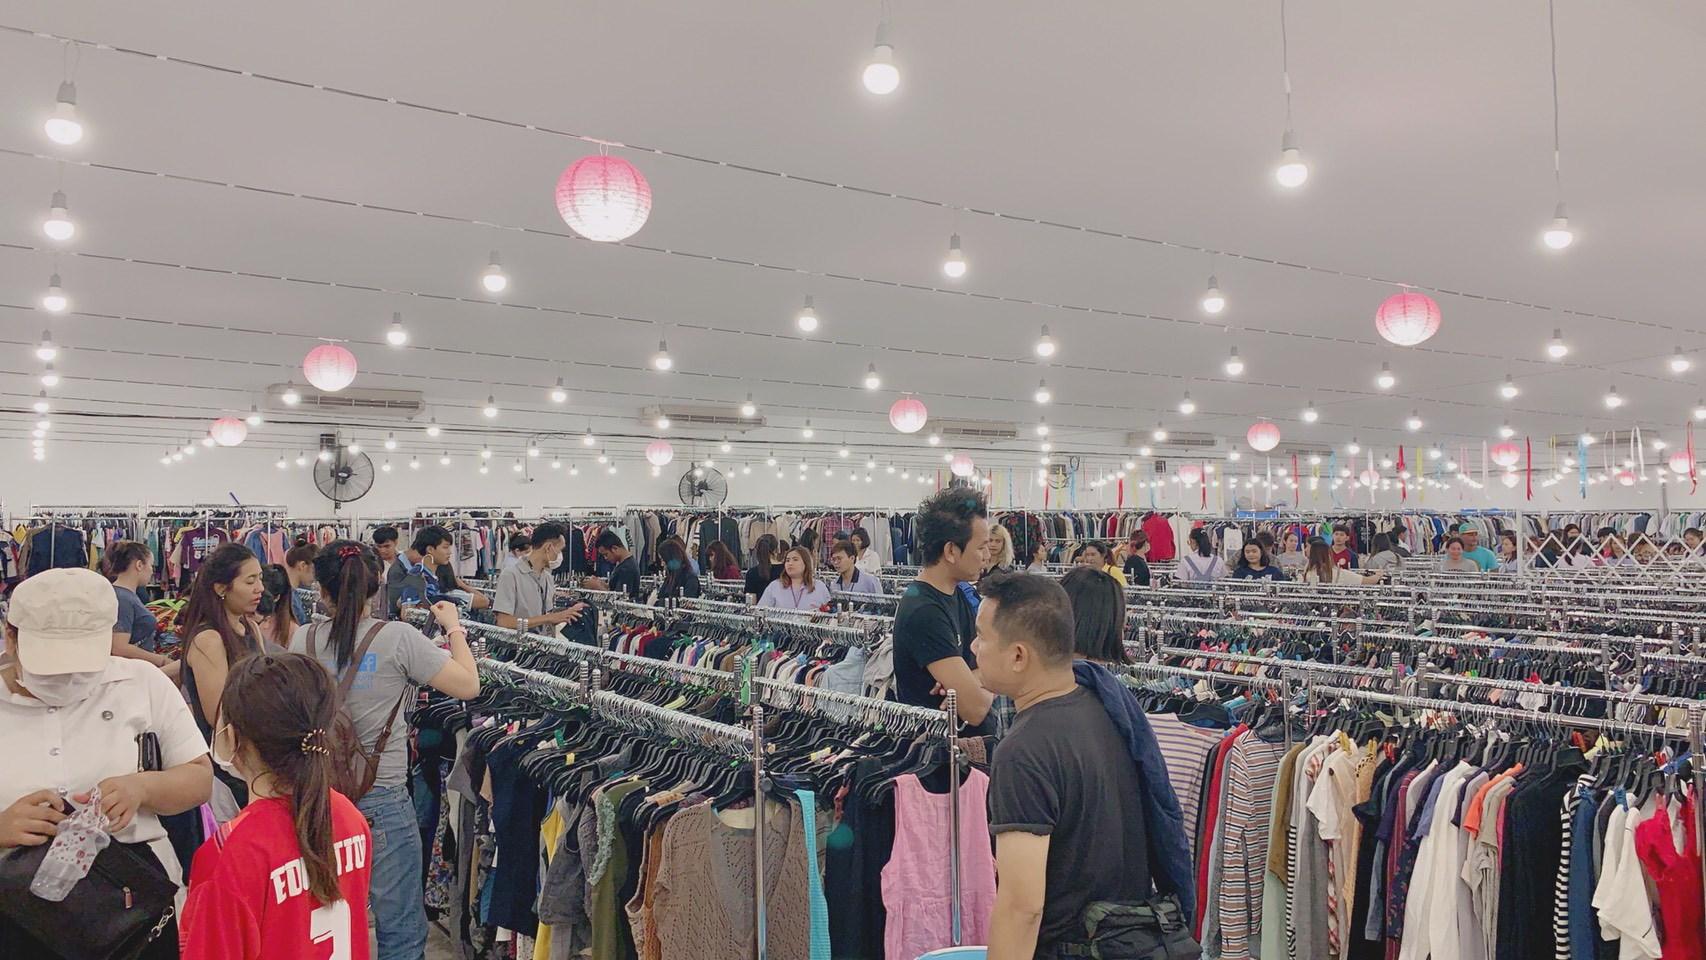 เสื้อผ้ามือสอง ร้านขายเสื้อผ้ามือสอง ร้านมือสองญี่ปุ่น ร้านเสื้อผ้ามือสอง